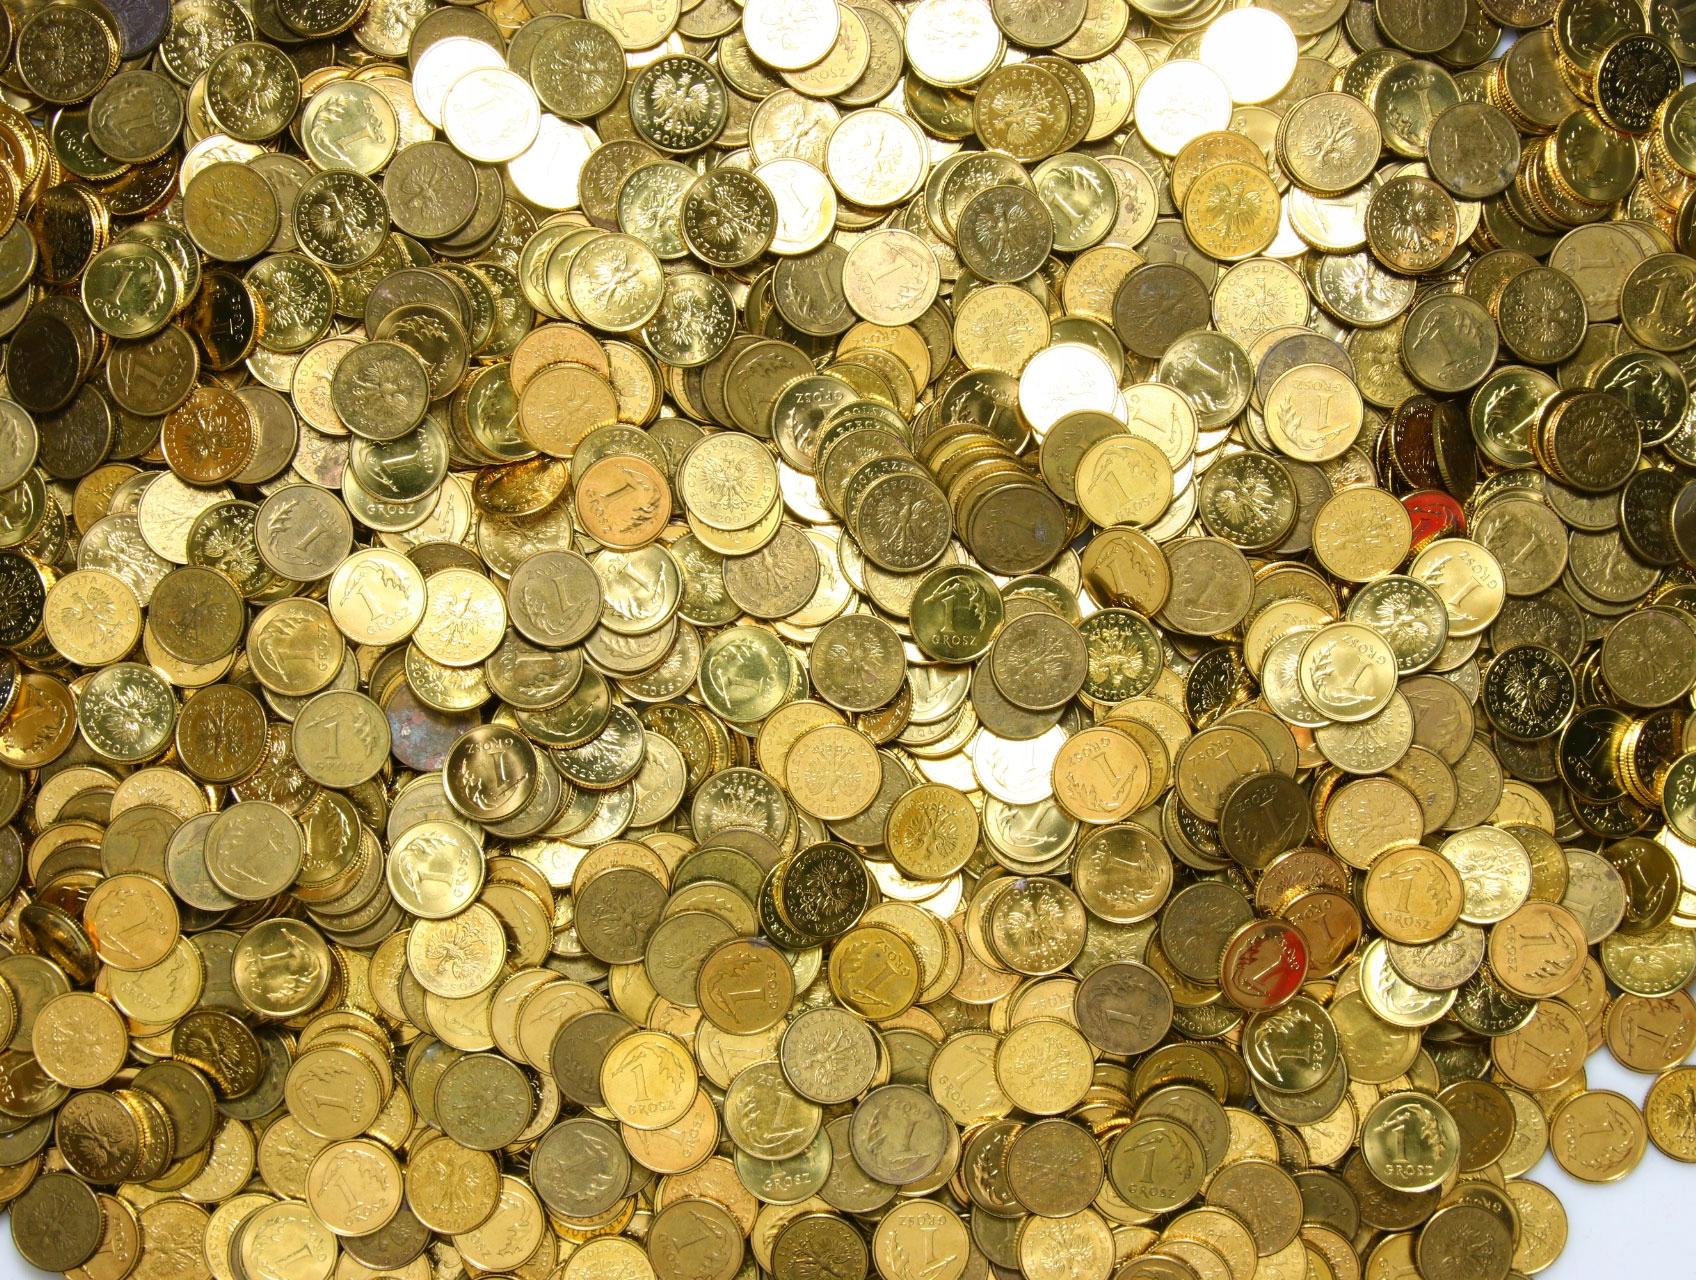 Monety obiegowe - 1 GROSZ - do 2014 - zestaw 1 KG